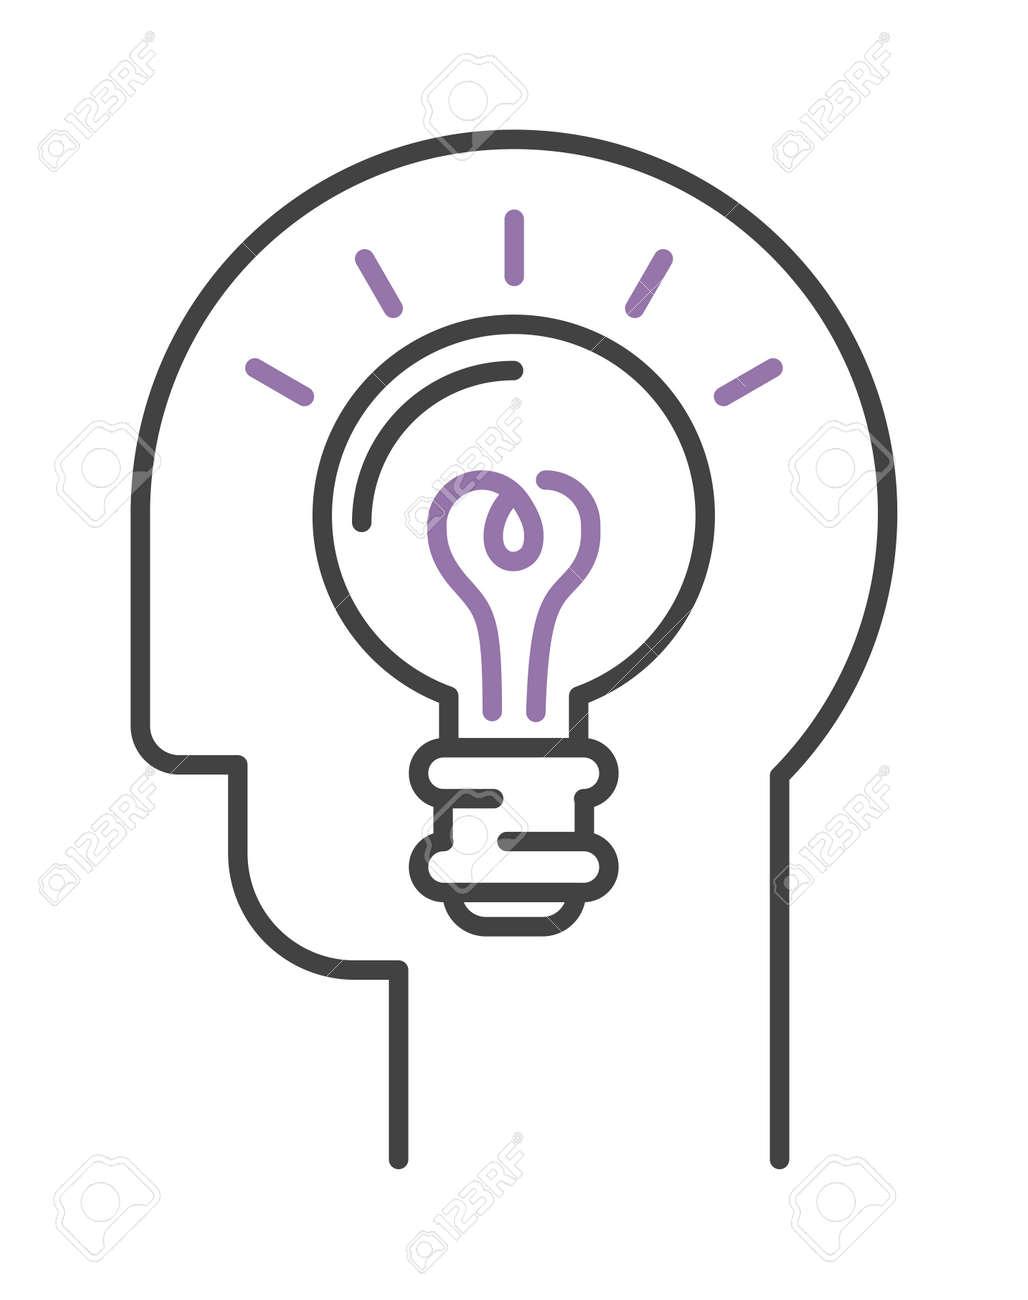 Idee-Symbol Birne Lampe Und Idee Icon-Konzept. Power Design ...